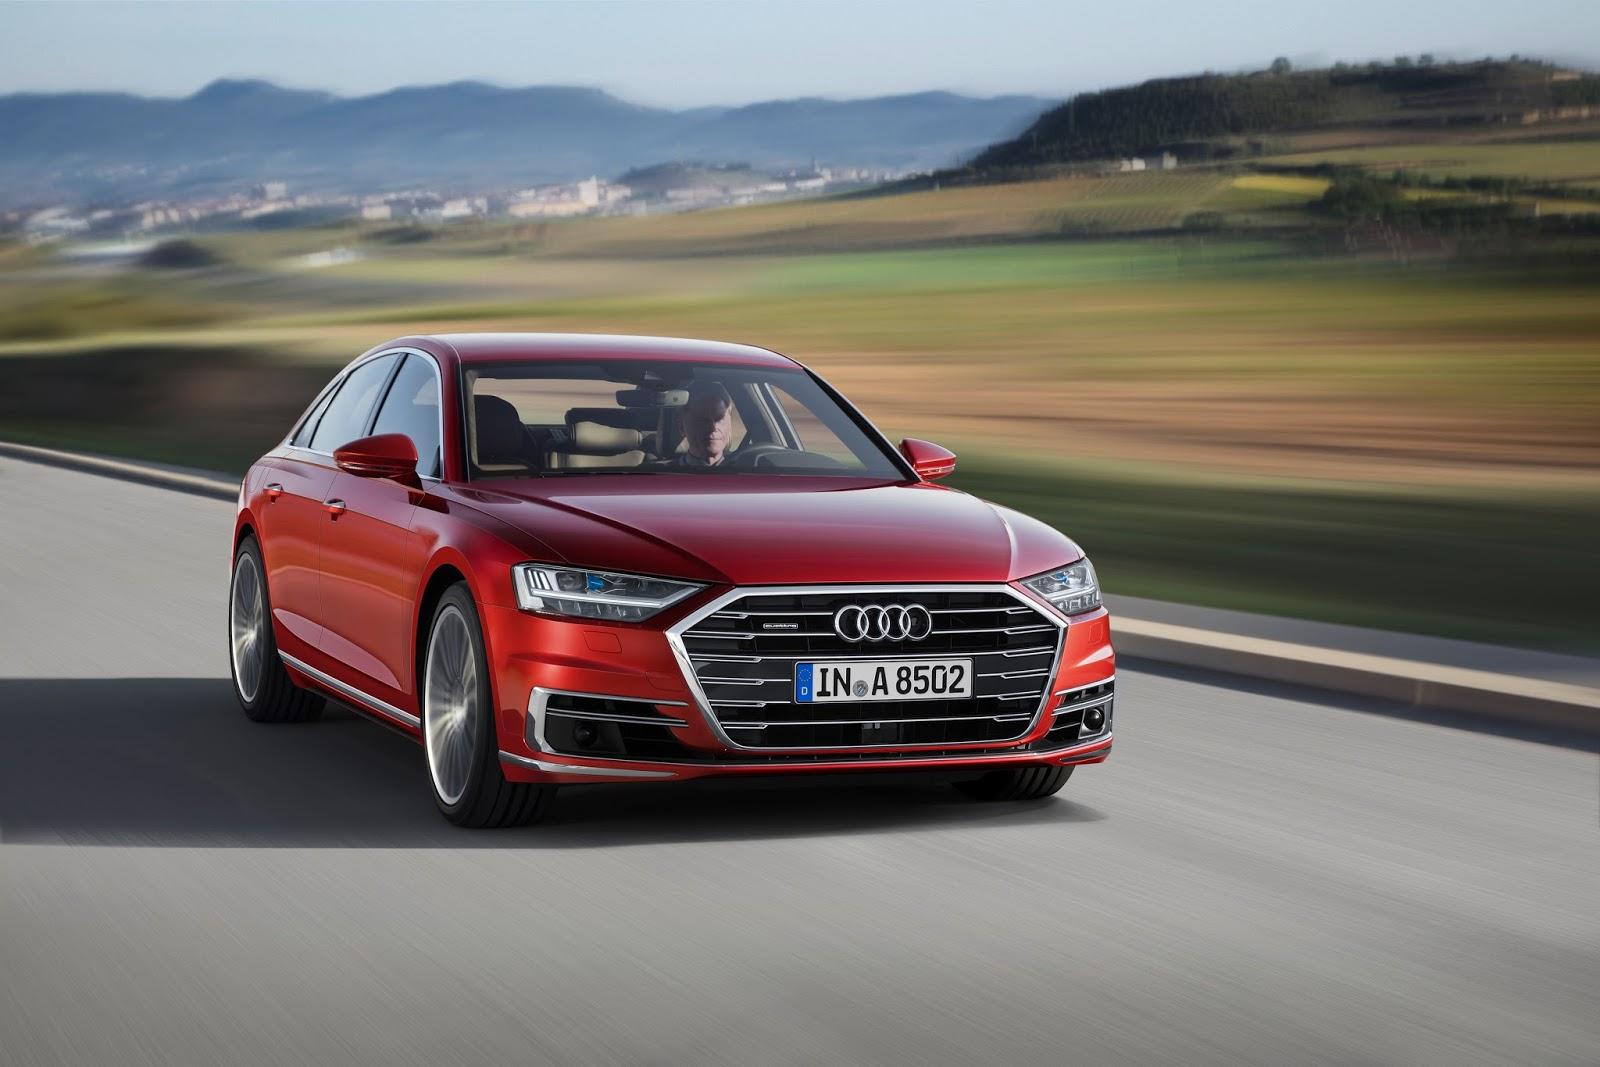 Audi A8 Đời mới nhất tại việt nam